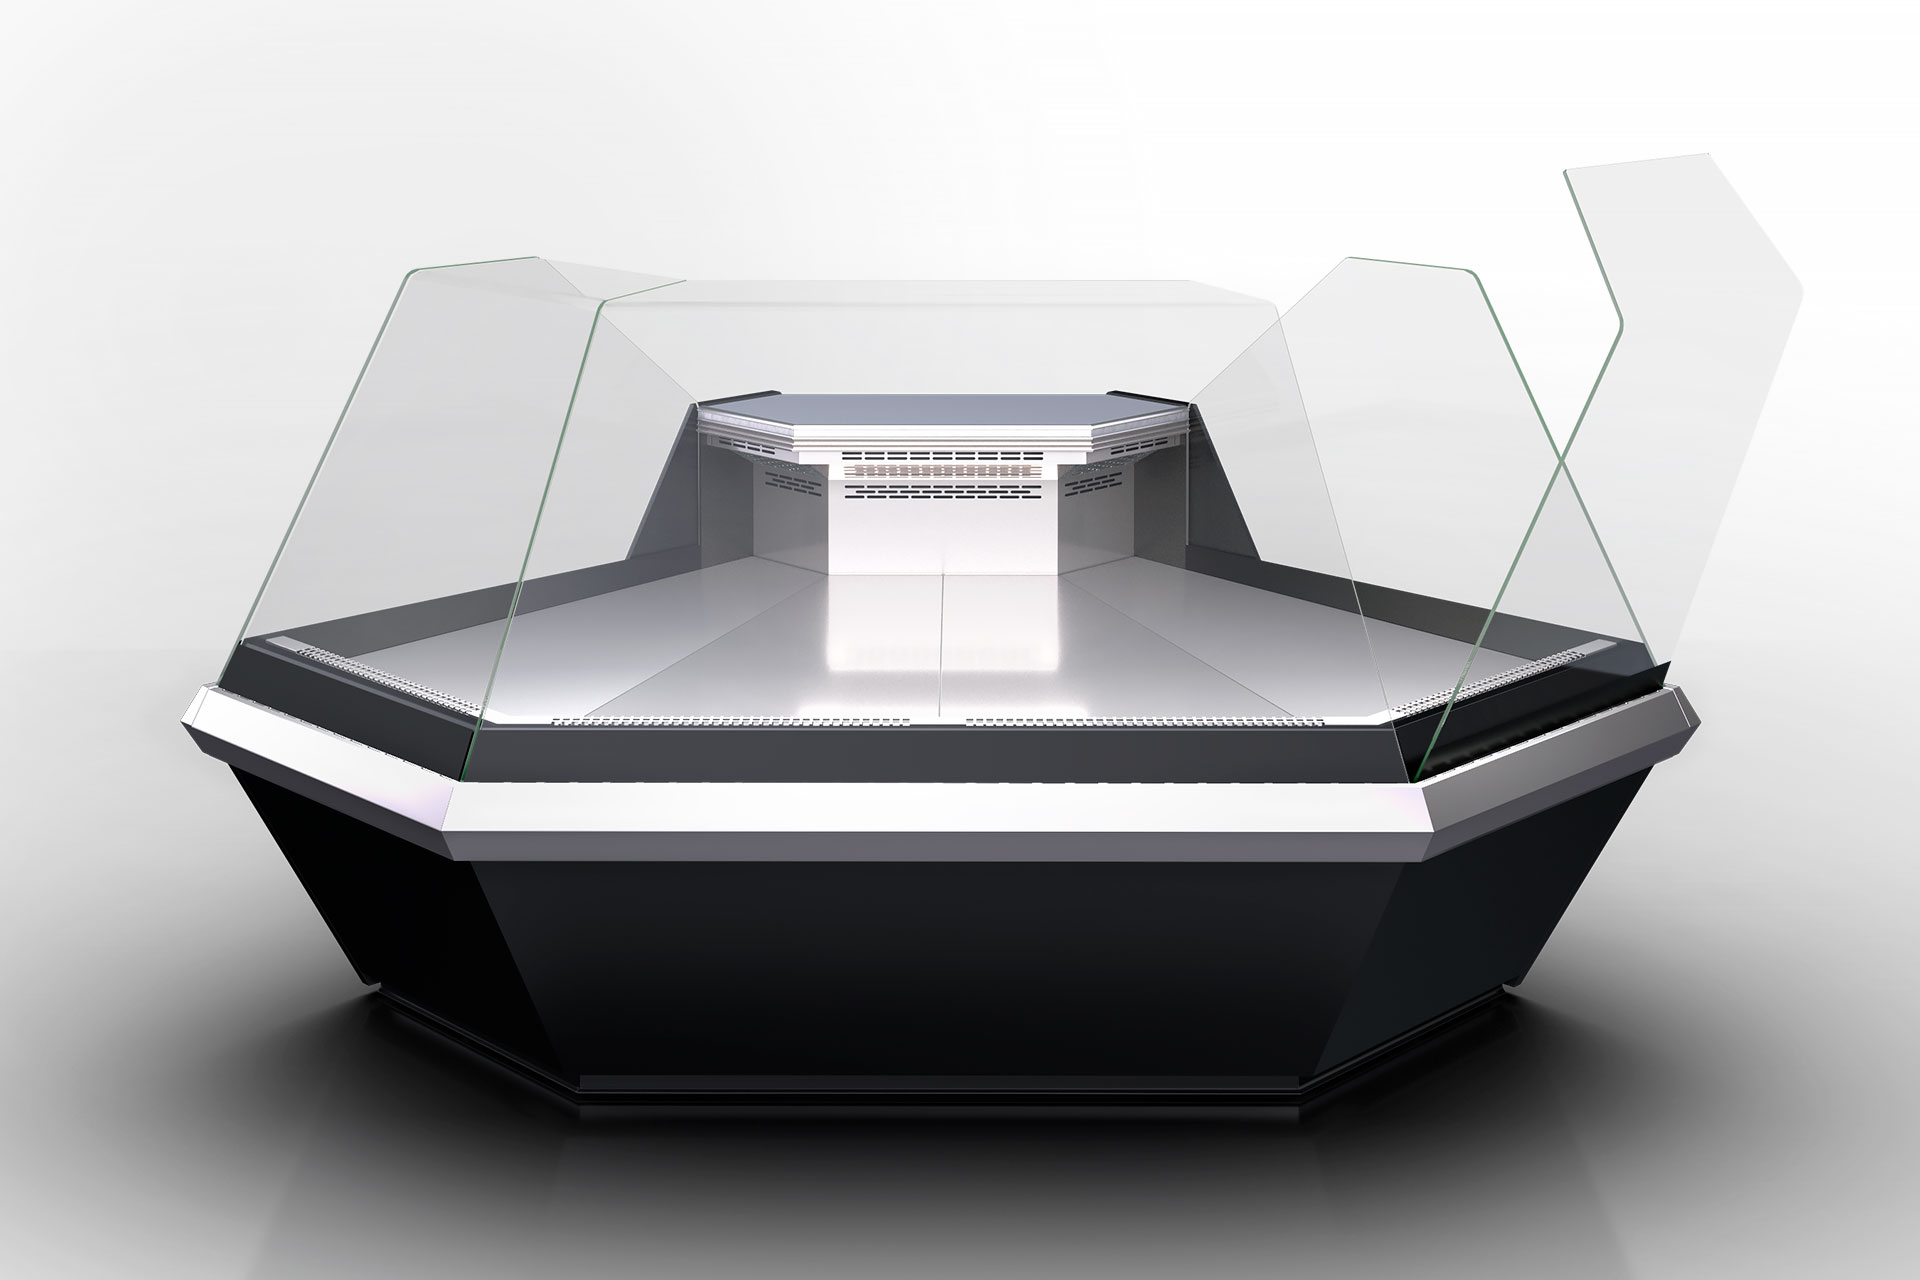 Угловой элементs холодильных витрин Missouri enigma MK 120 deli OS-DLM-ES90